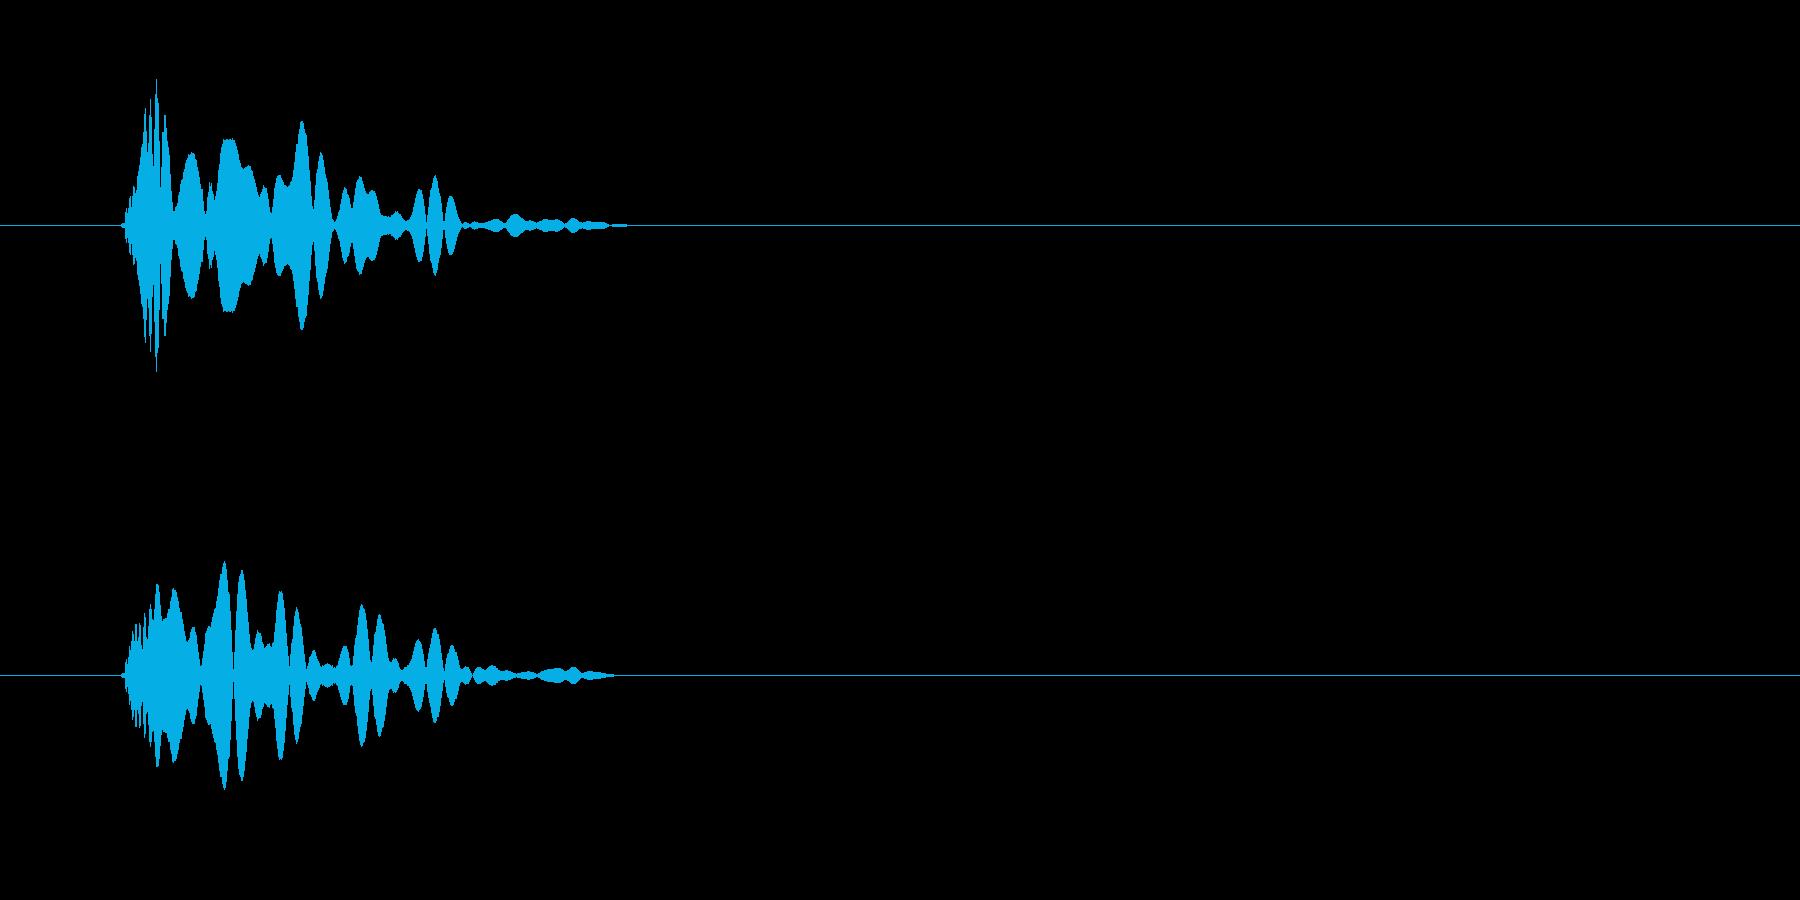 ポップソナーの再生済みの波形